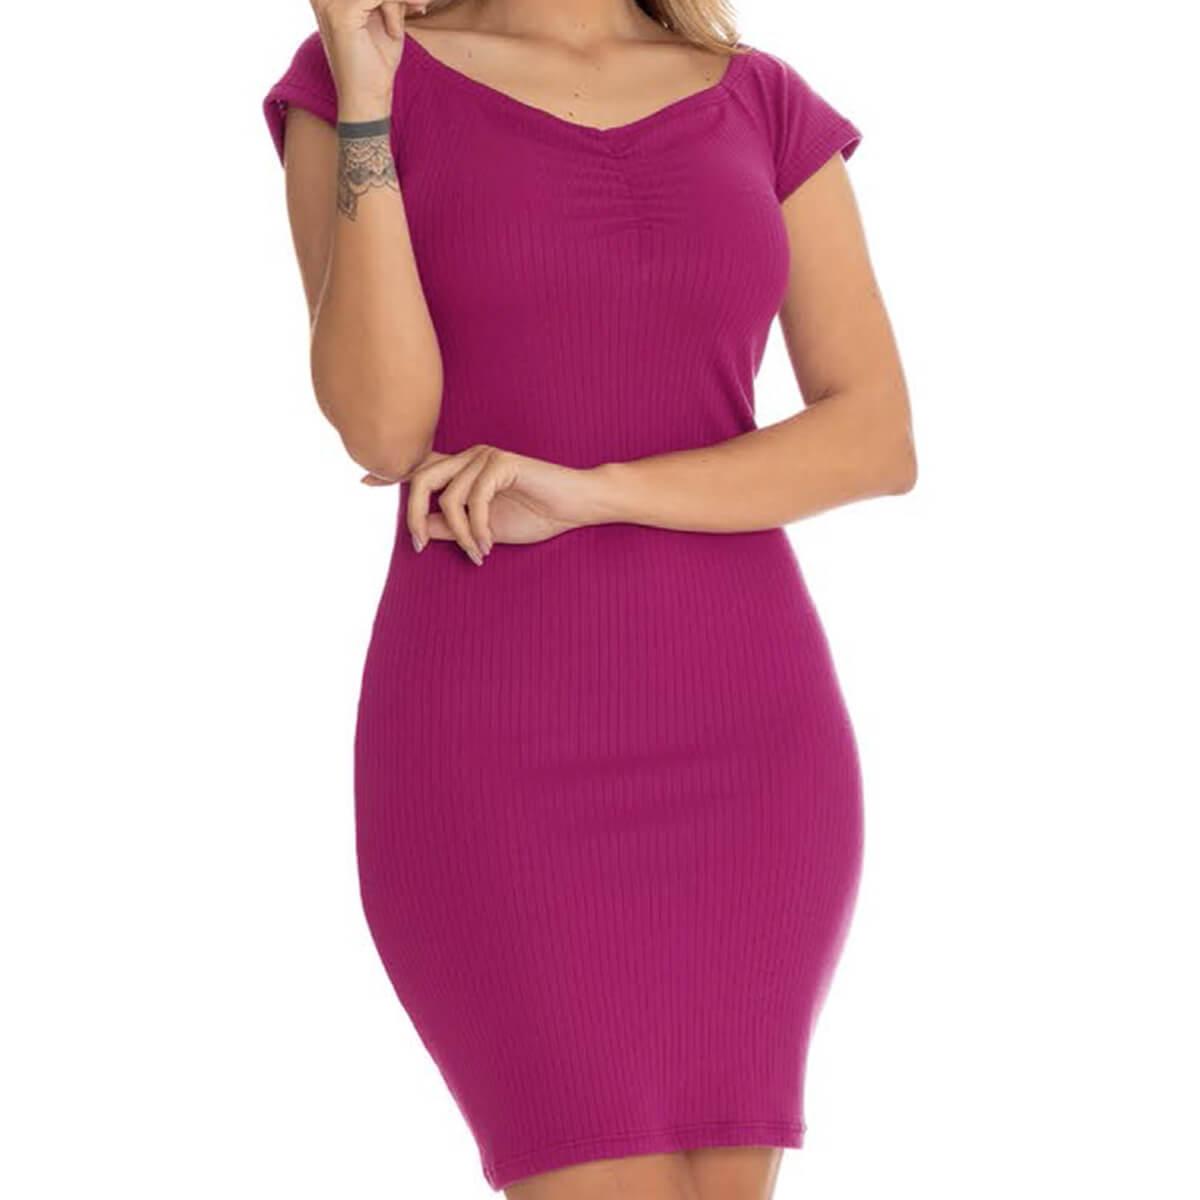 Vestido Feminino Curto Cetim Canelado Ombro a Ombro Pink